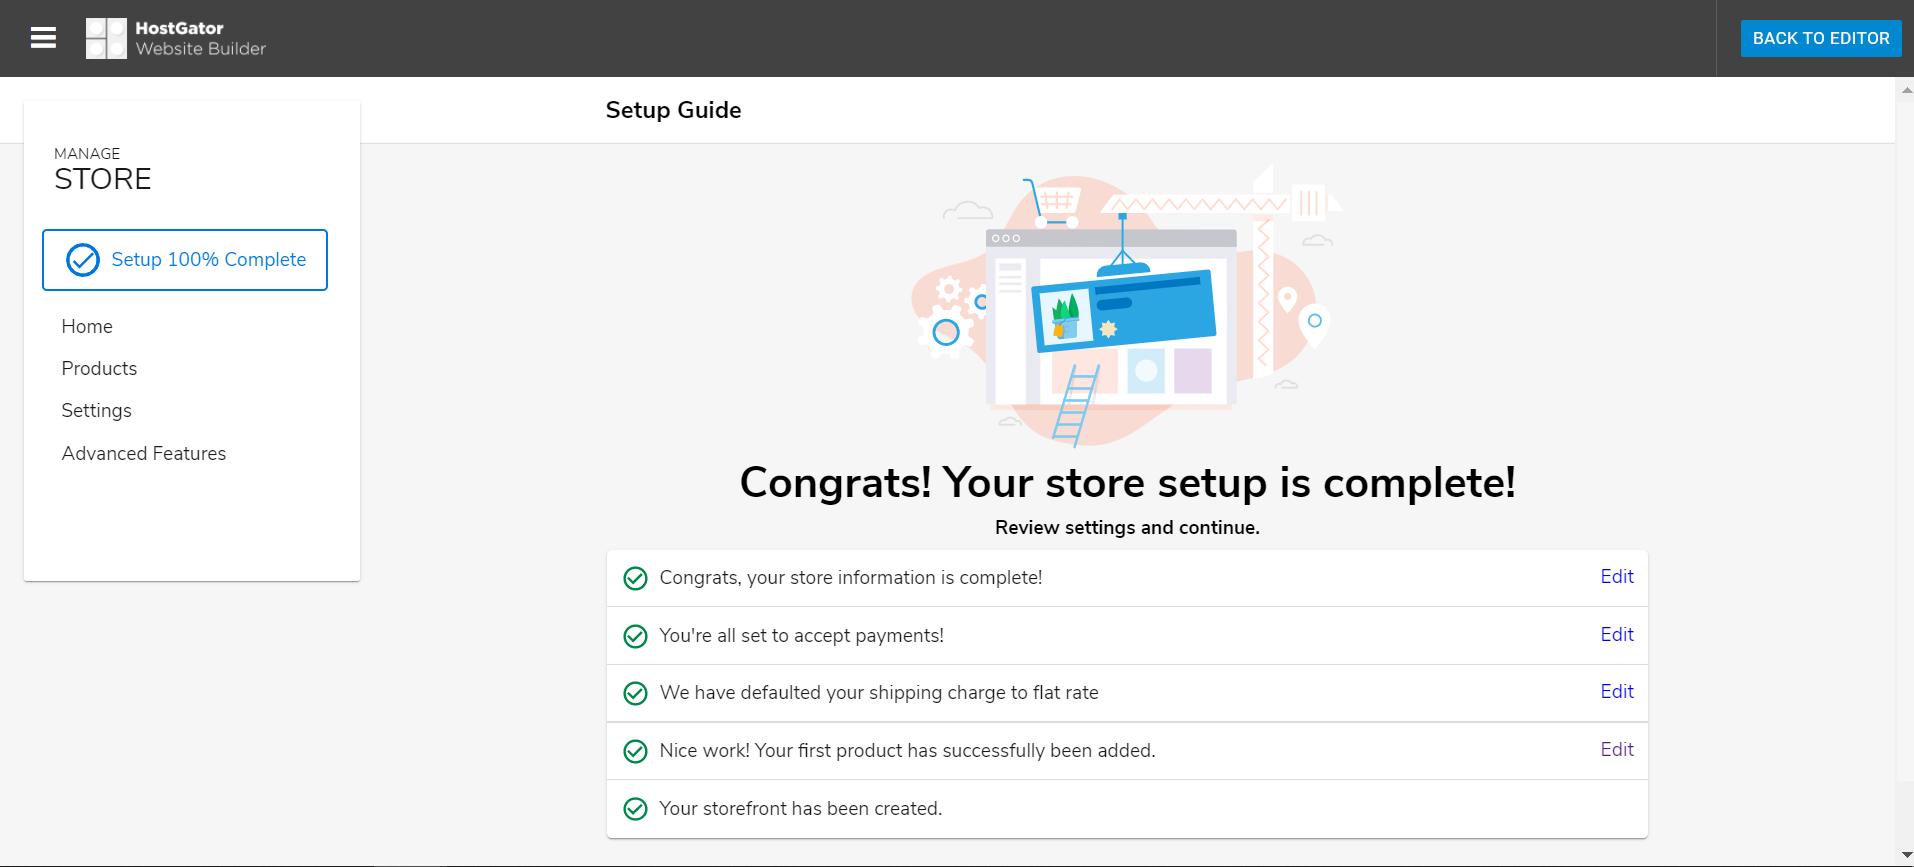 Hostgator website builder store dashboard after settings configured